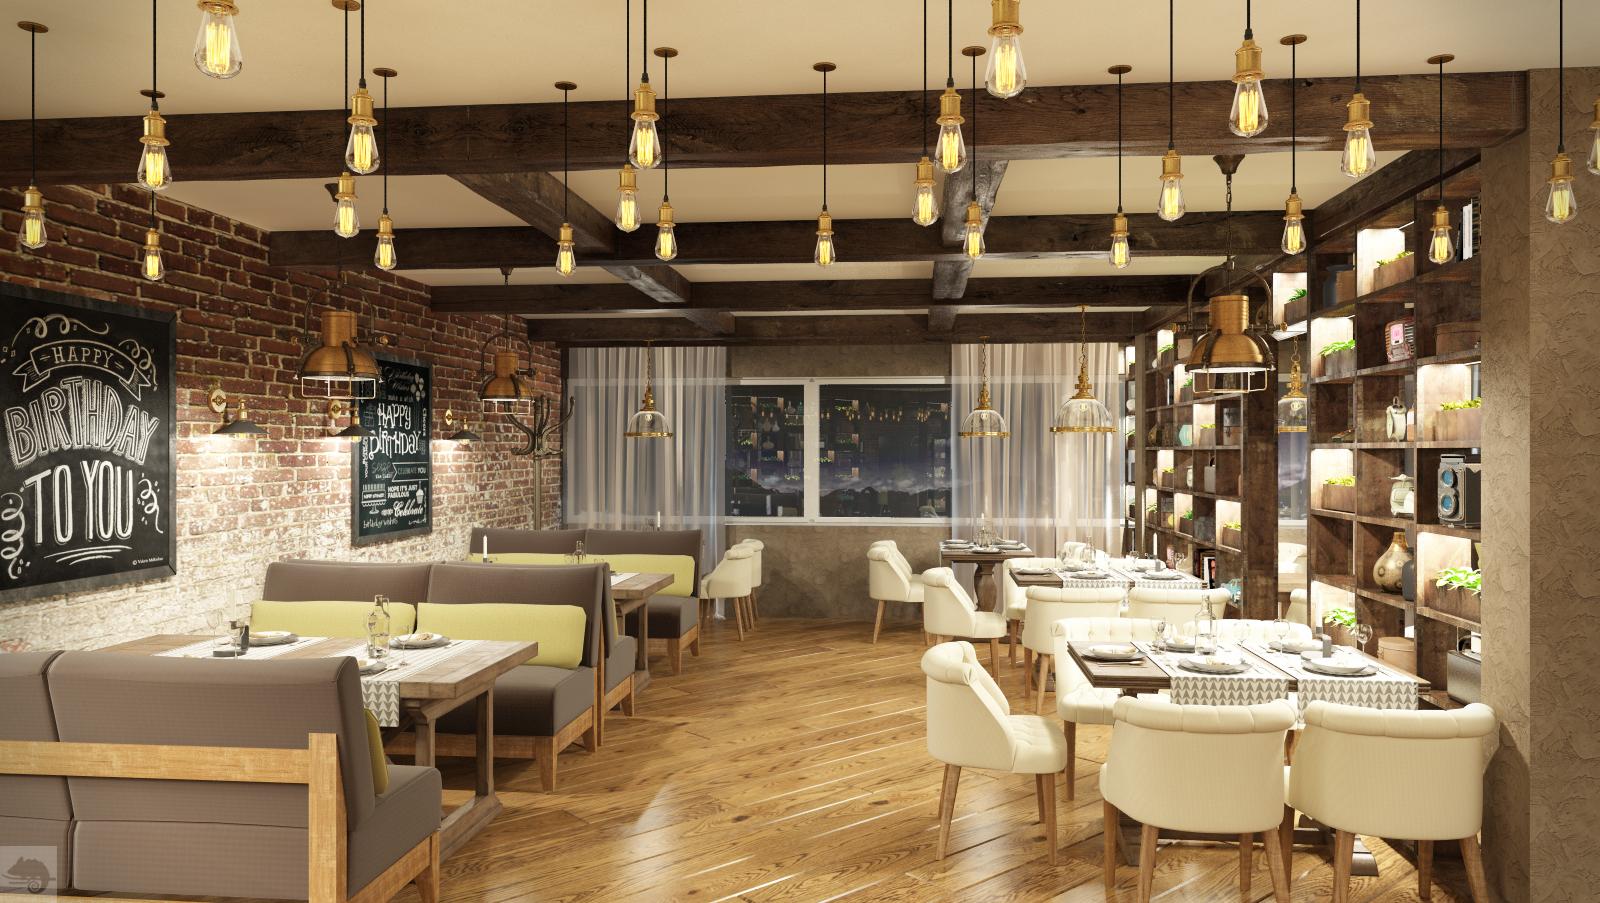 Ресторан в Норвегии, г.Орста (часть 4)